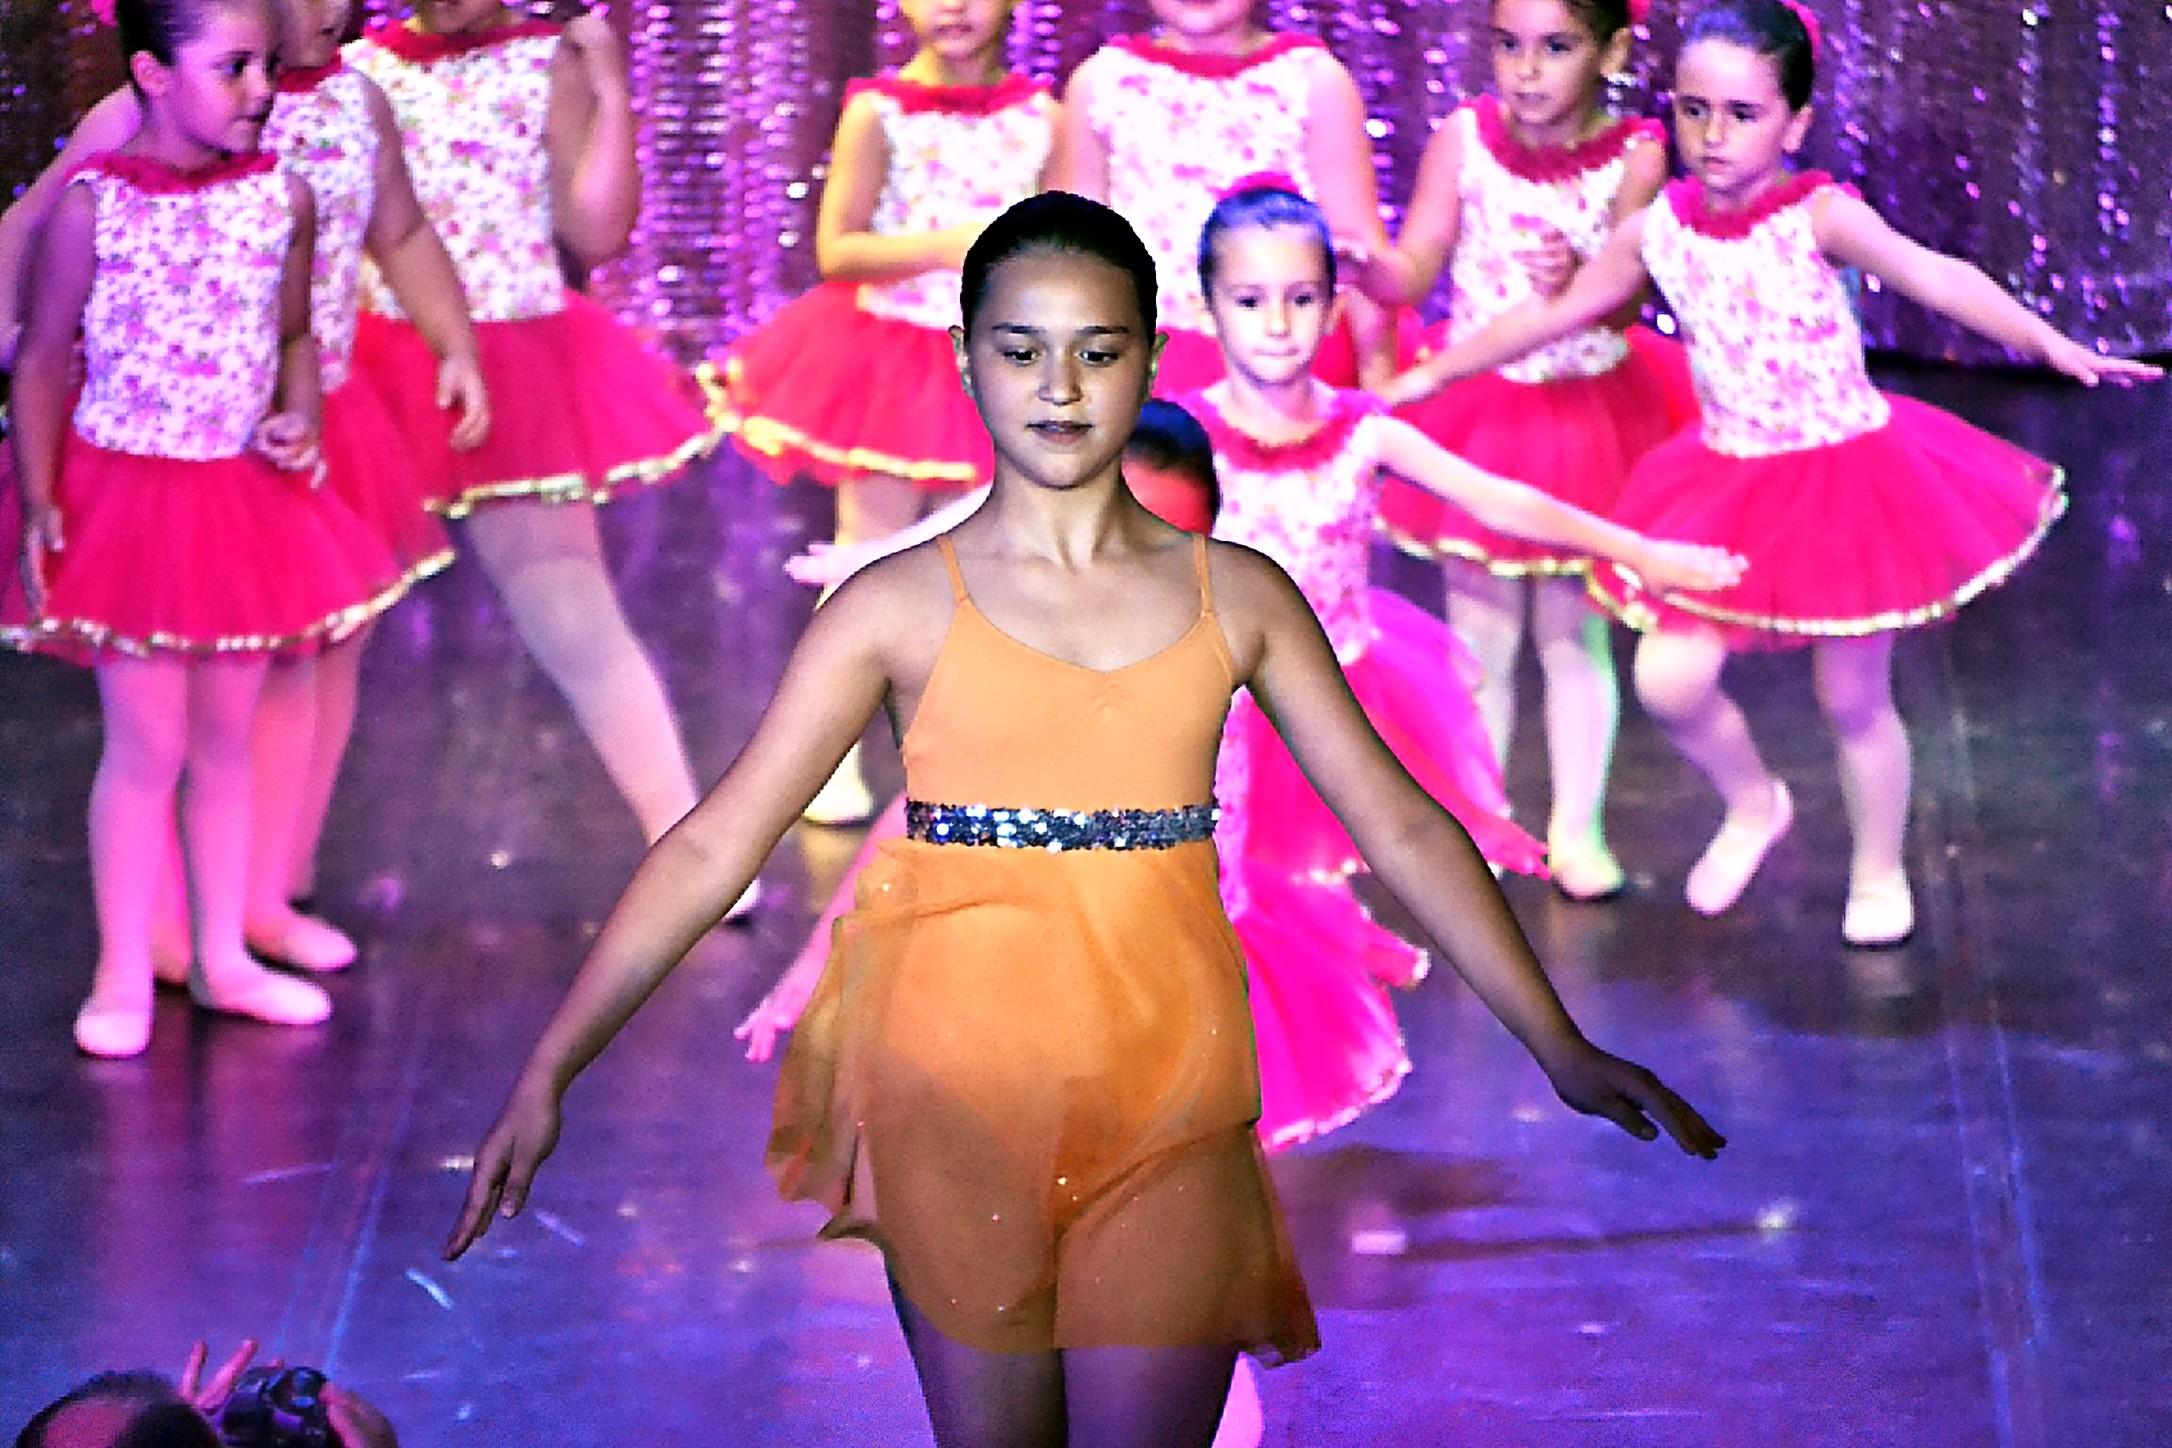 Linea-de-Baile-festival-verano-2015-clases-de-baile-valencia-112